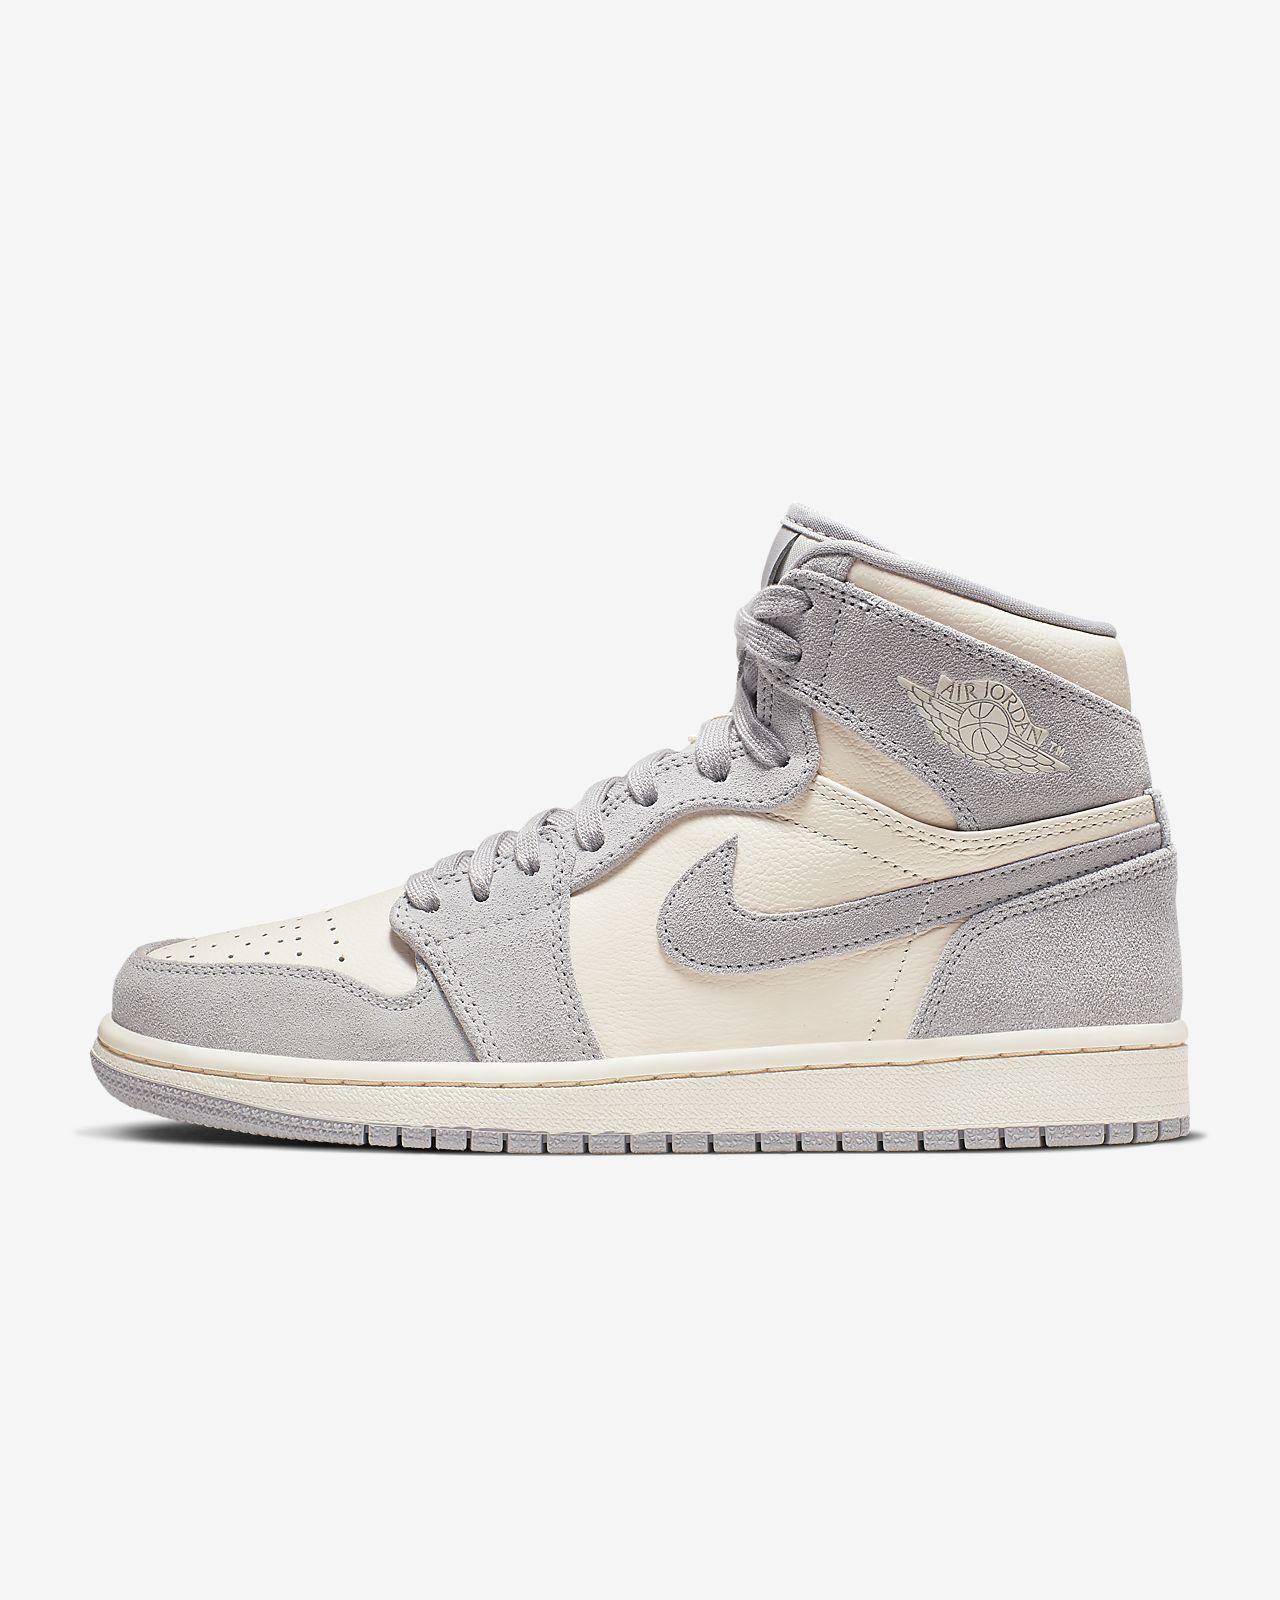 รองเท้าผู้หญิง Air Jordan 1 Retro High Premium